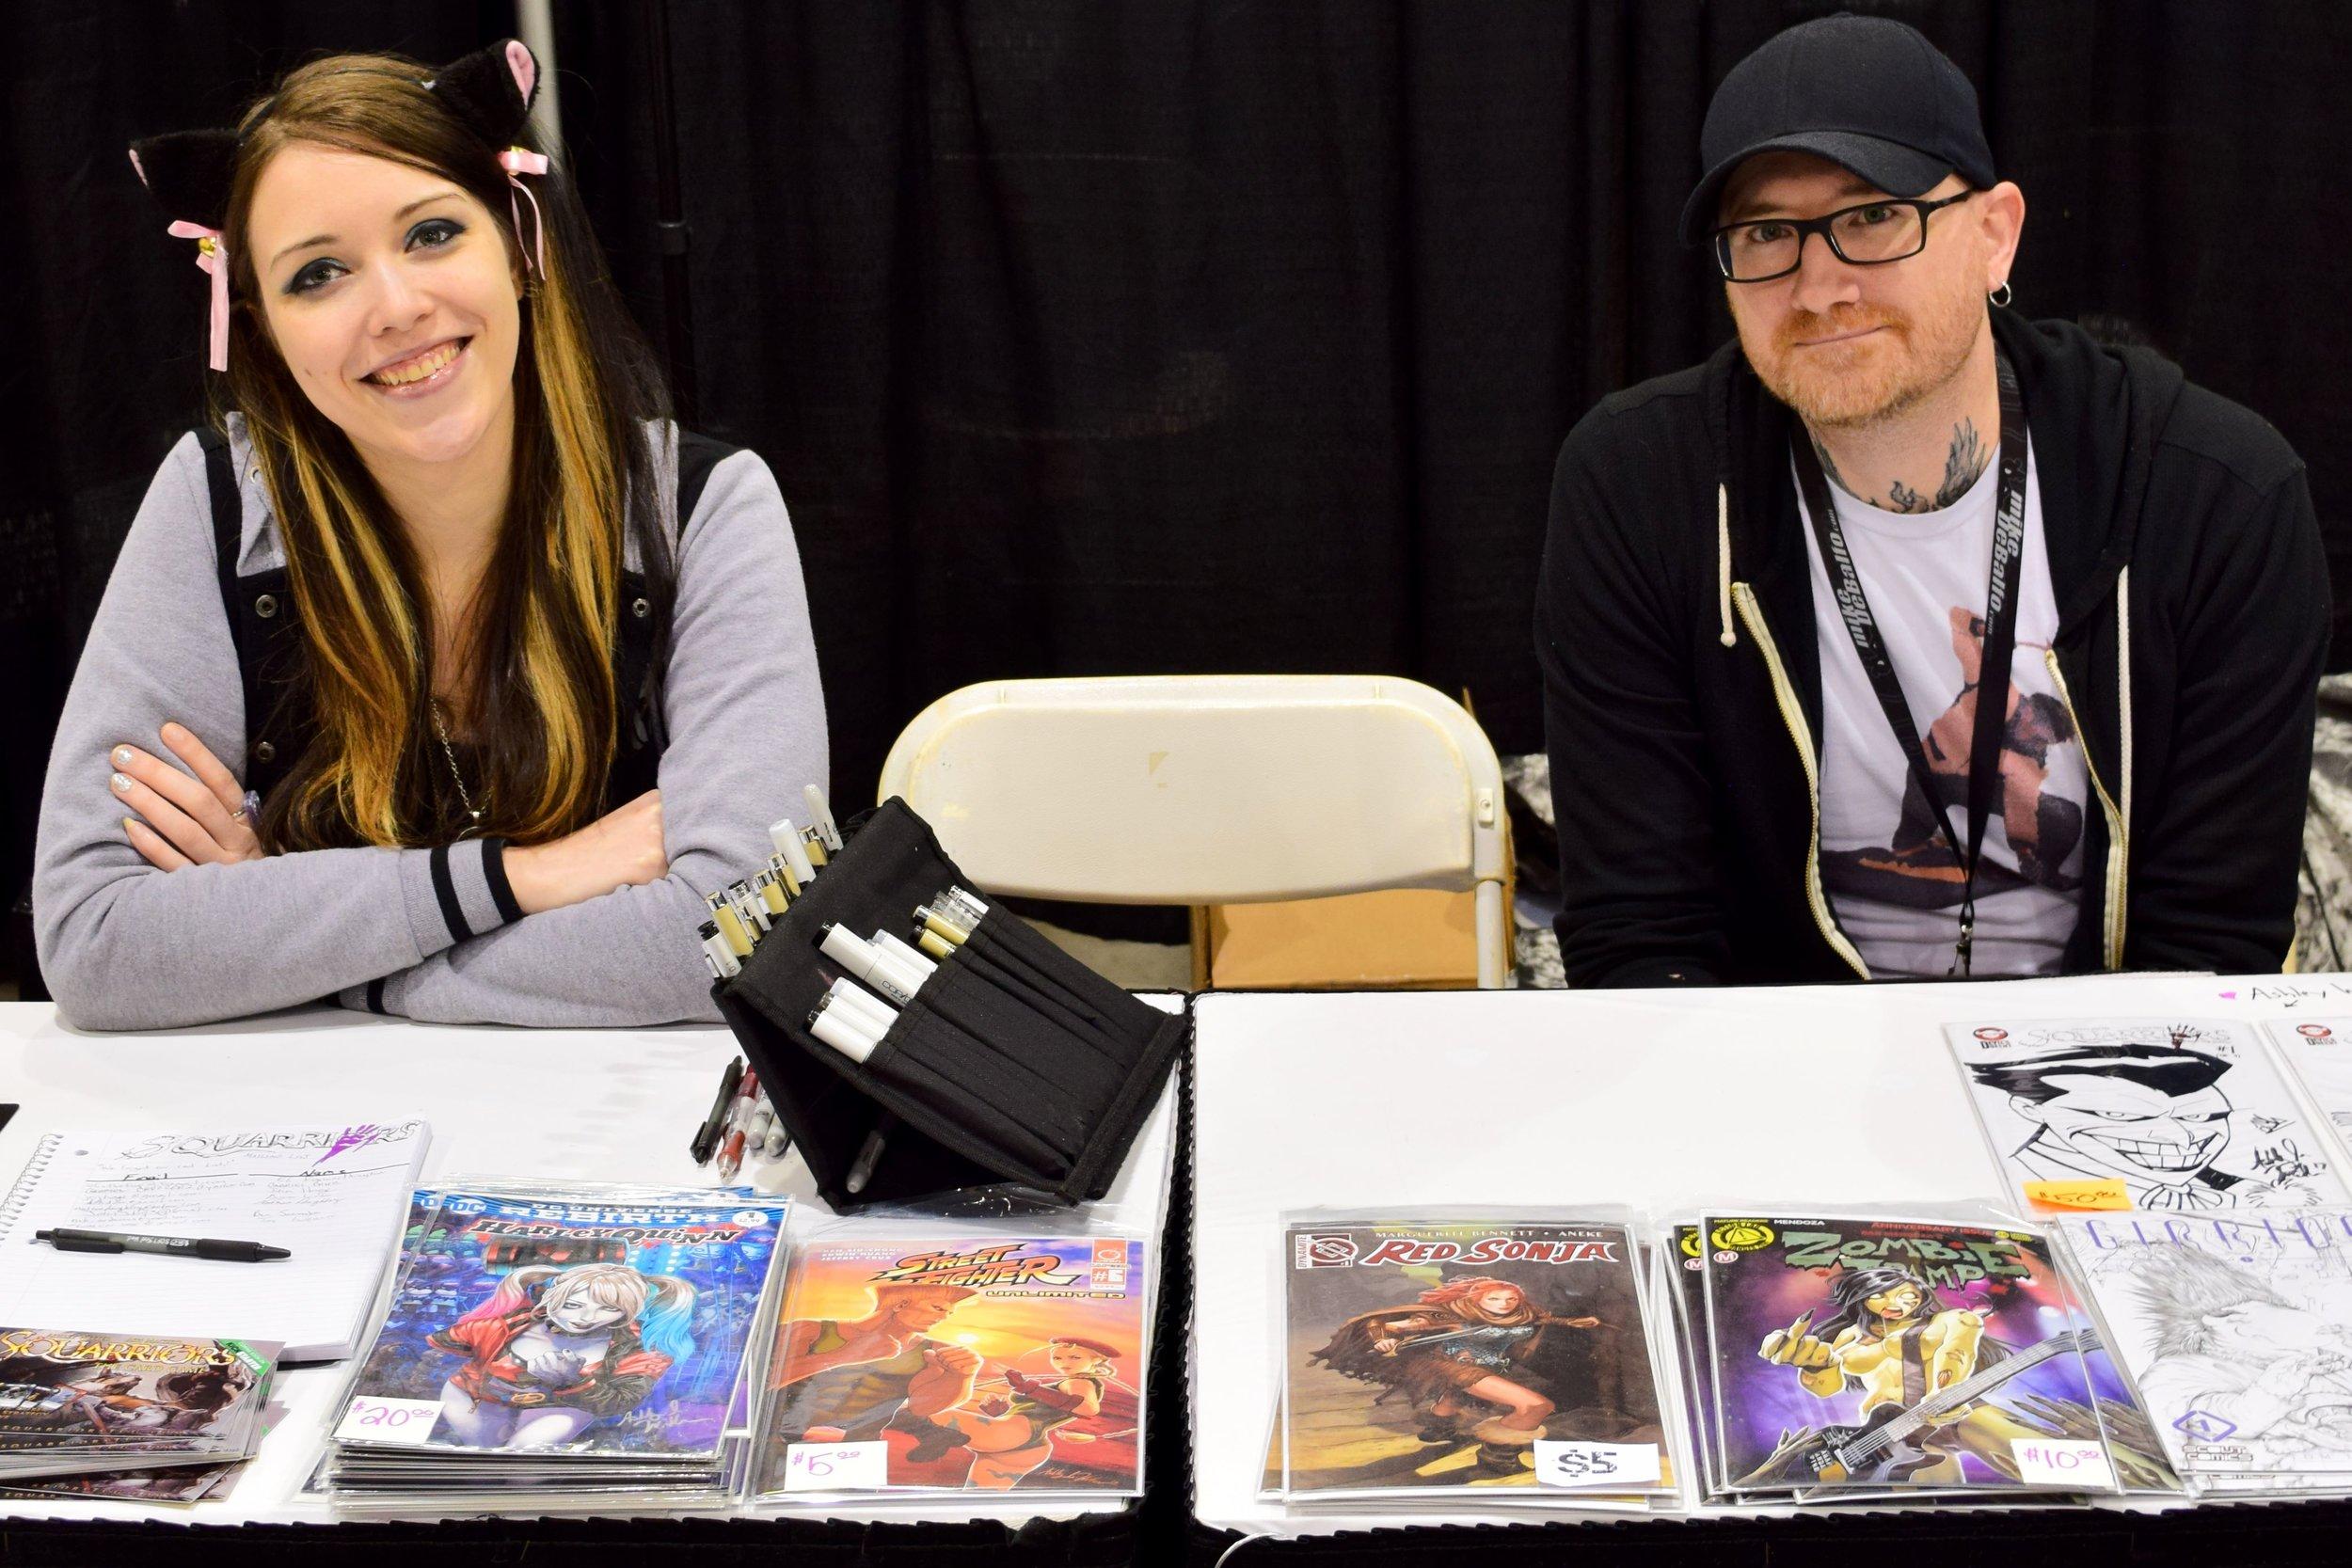 Ash Maczko & Ashley Witter at Phoenix Comic Con 2017.